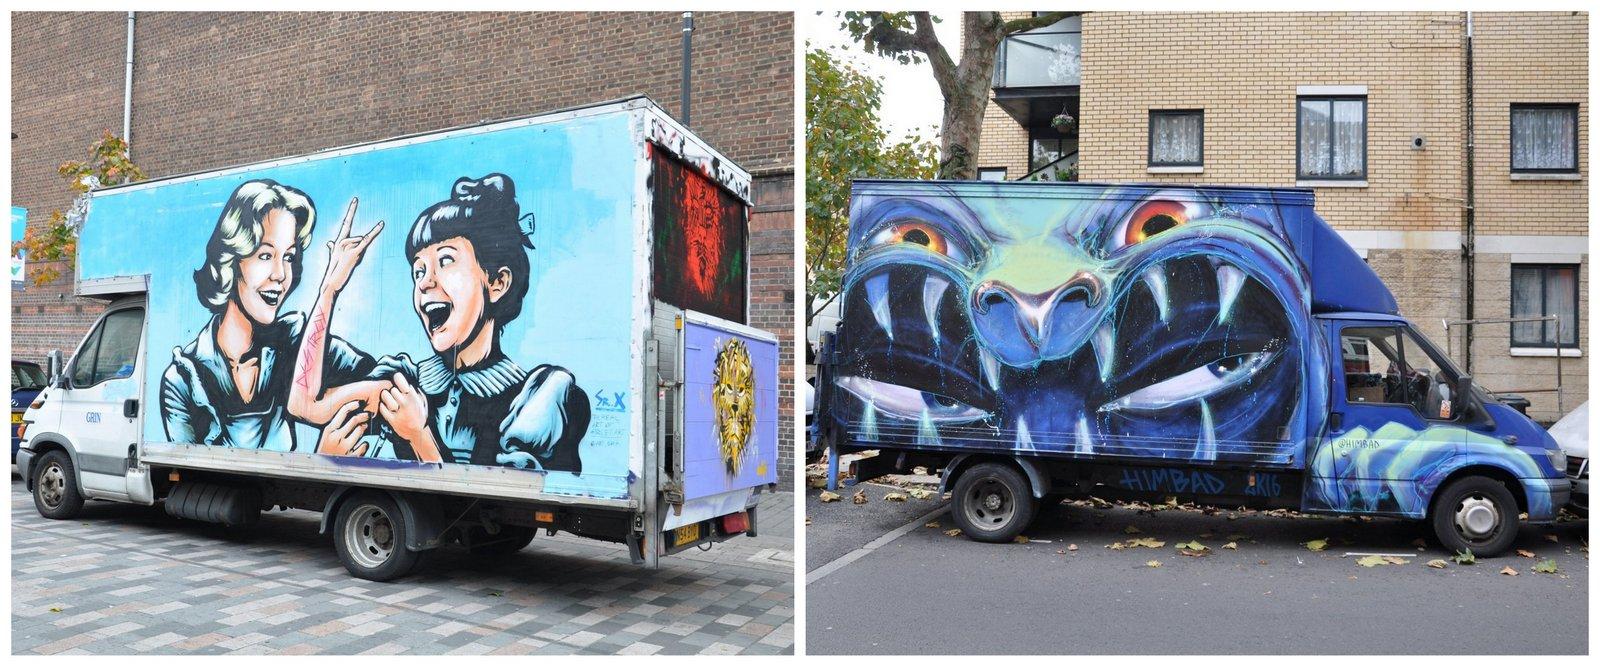 camden-town-Londres-camiones-street-art